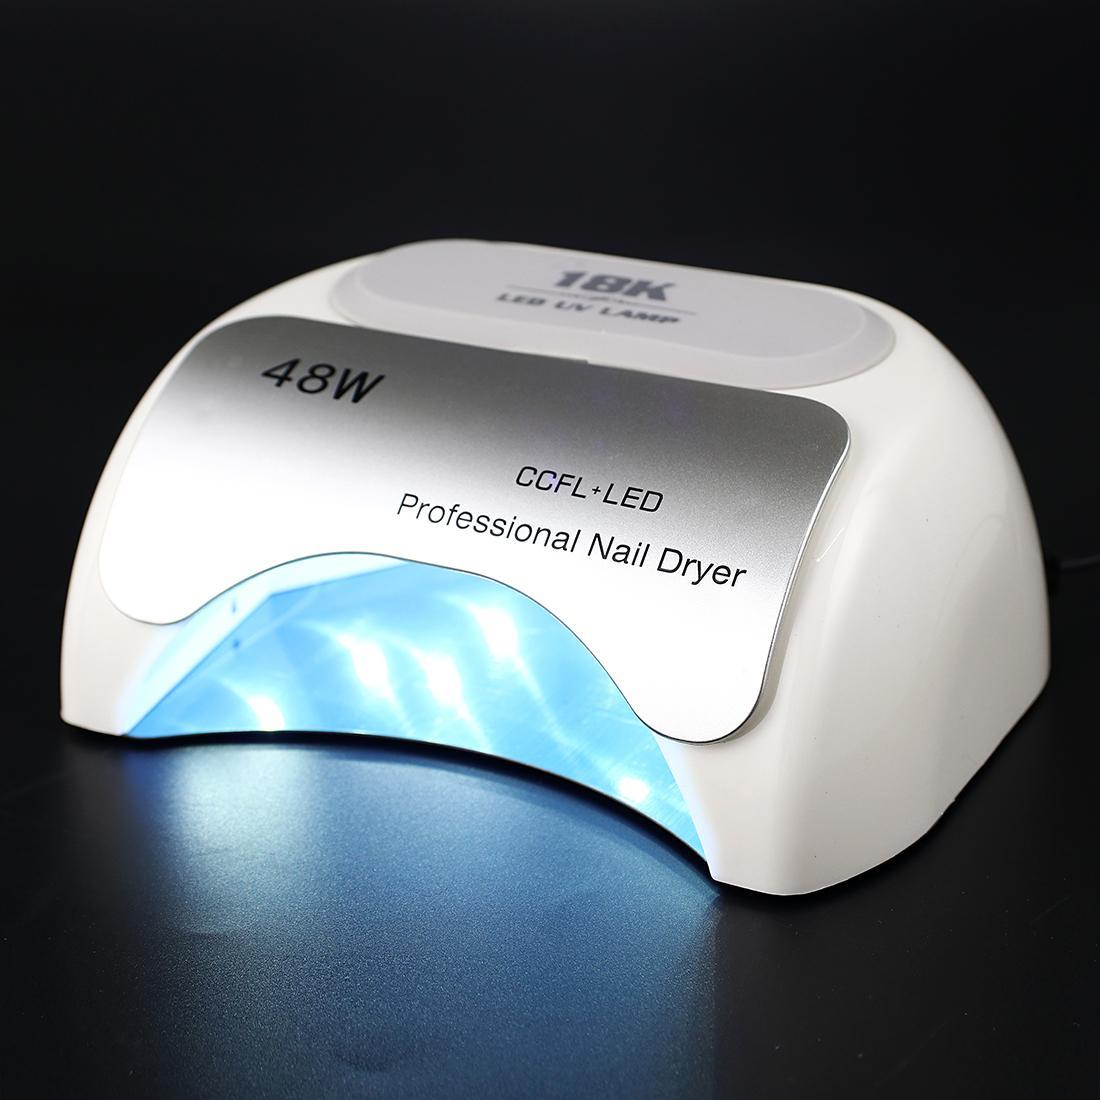 모든 젤 폴란드어 건조기에 대 한 48W 높은 전원 전문 UV 램프 젤 Led 네일 램프 네일 아트 매니큐어 도구 모든 네일 젤 P 치료에 대 한